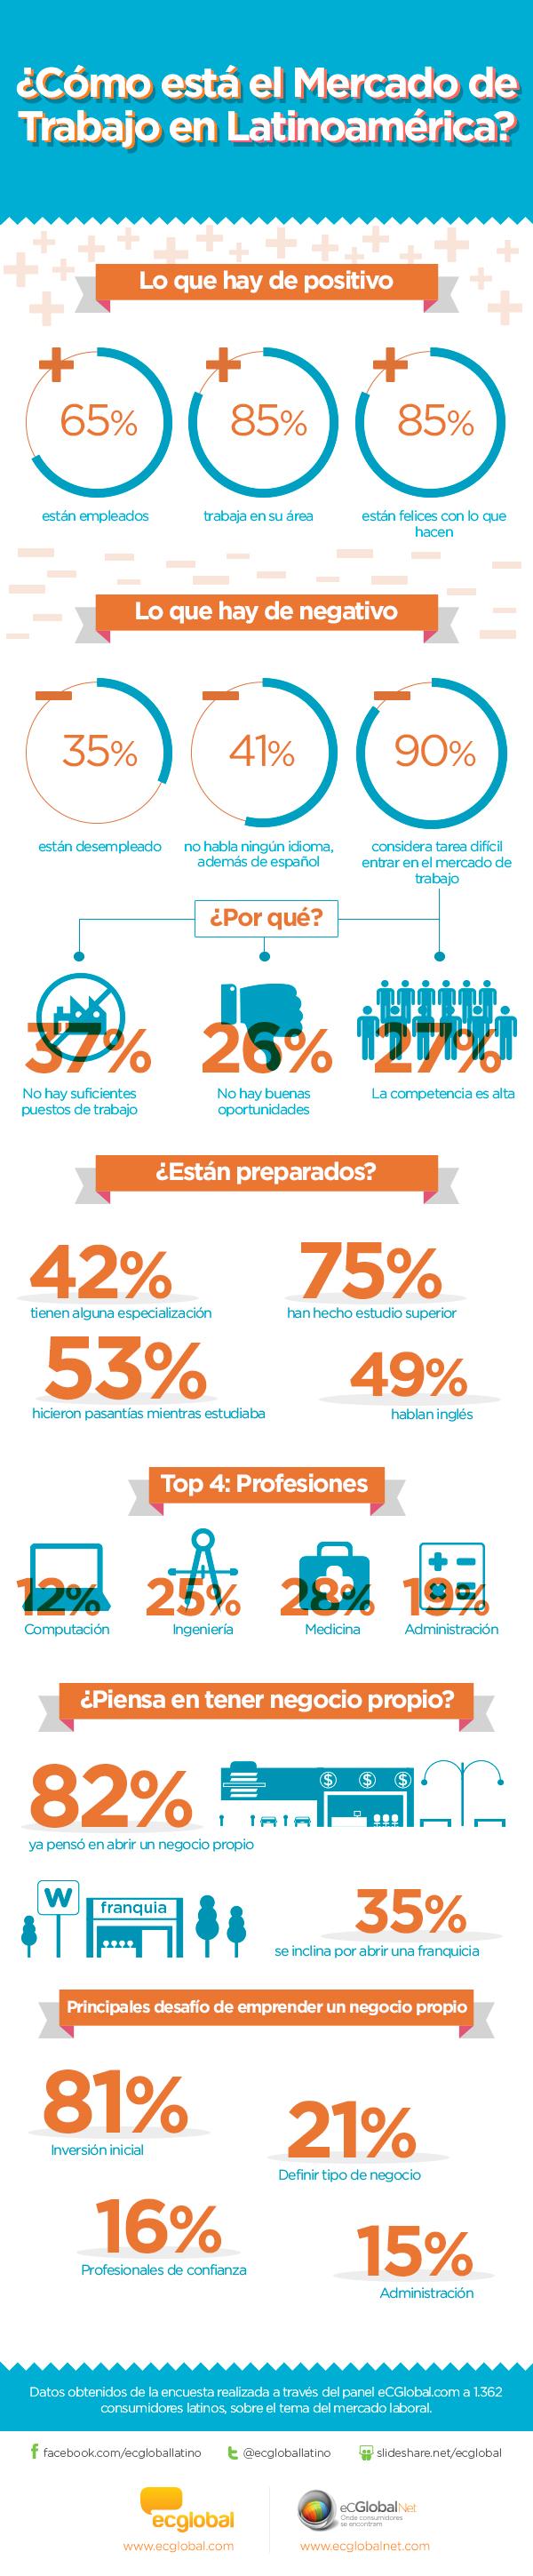 mercado de trabajo latinoamerica